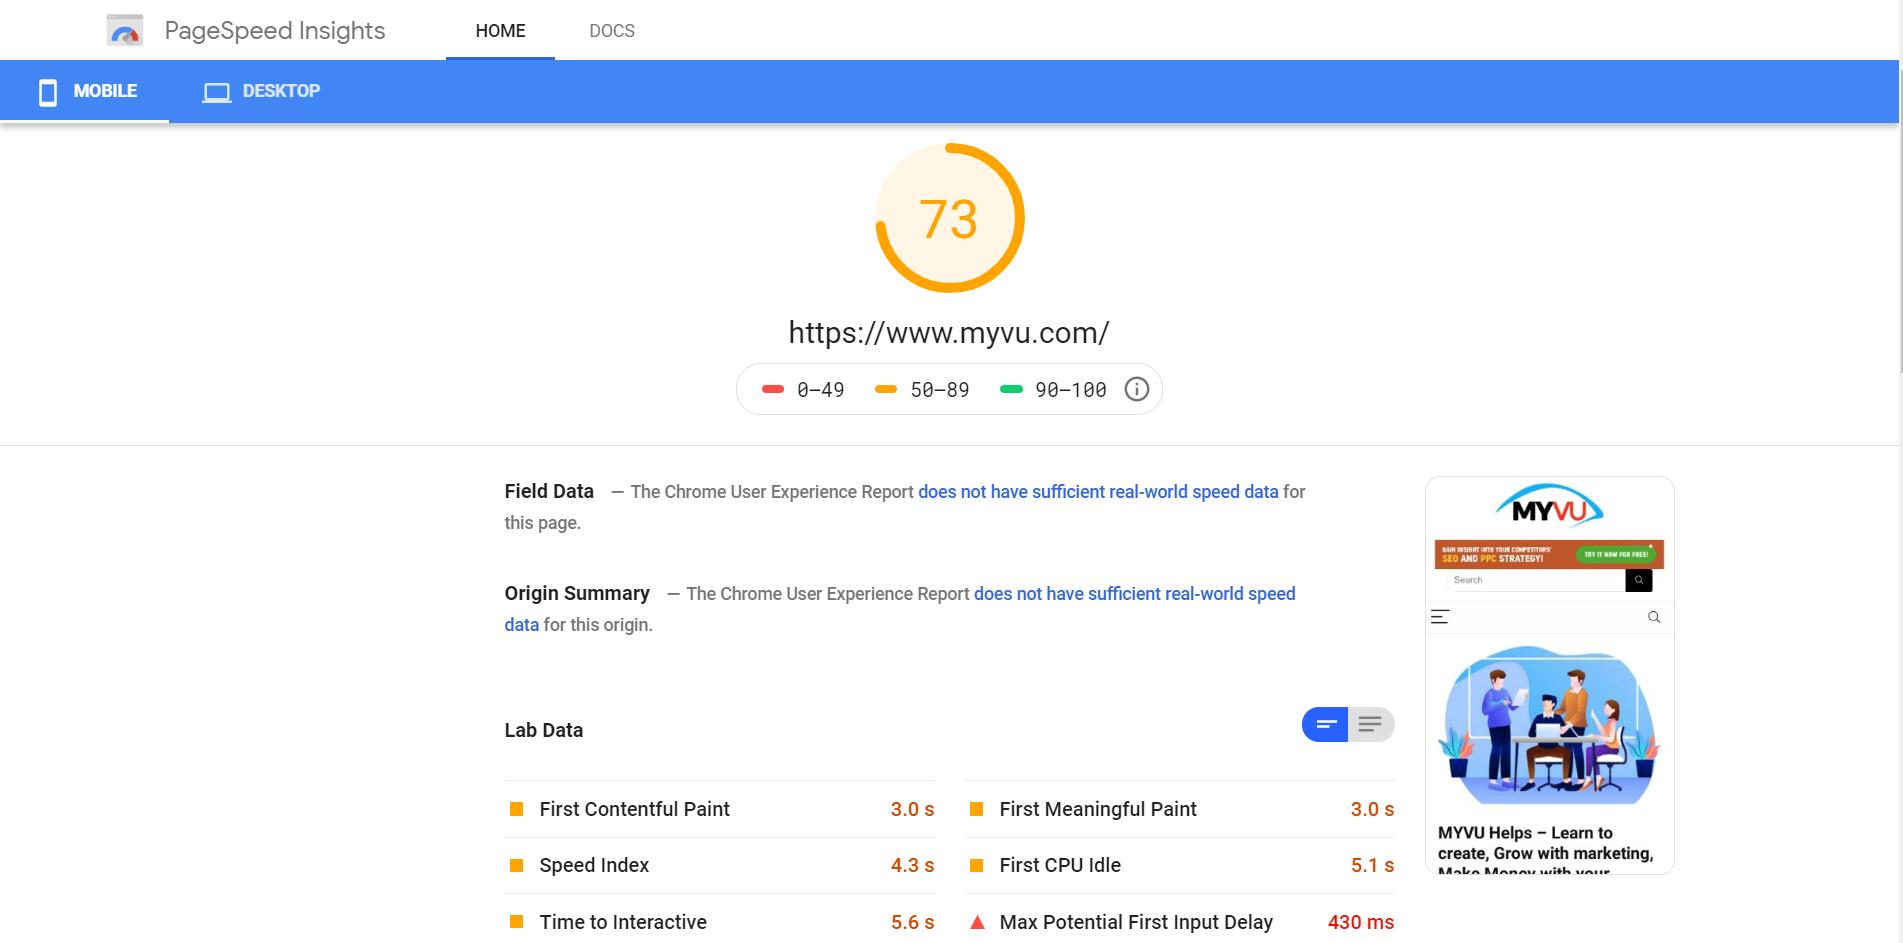 PageSpeed Insights-myvu